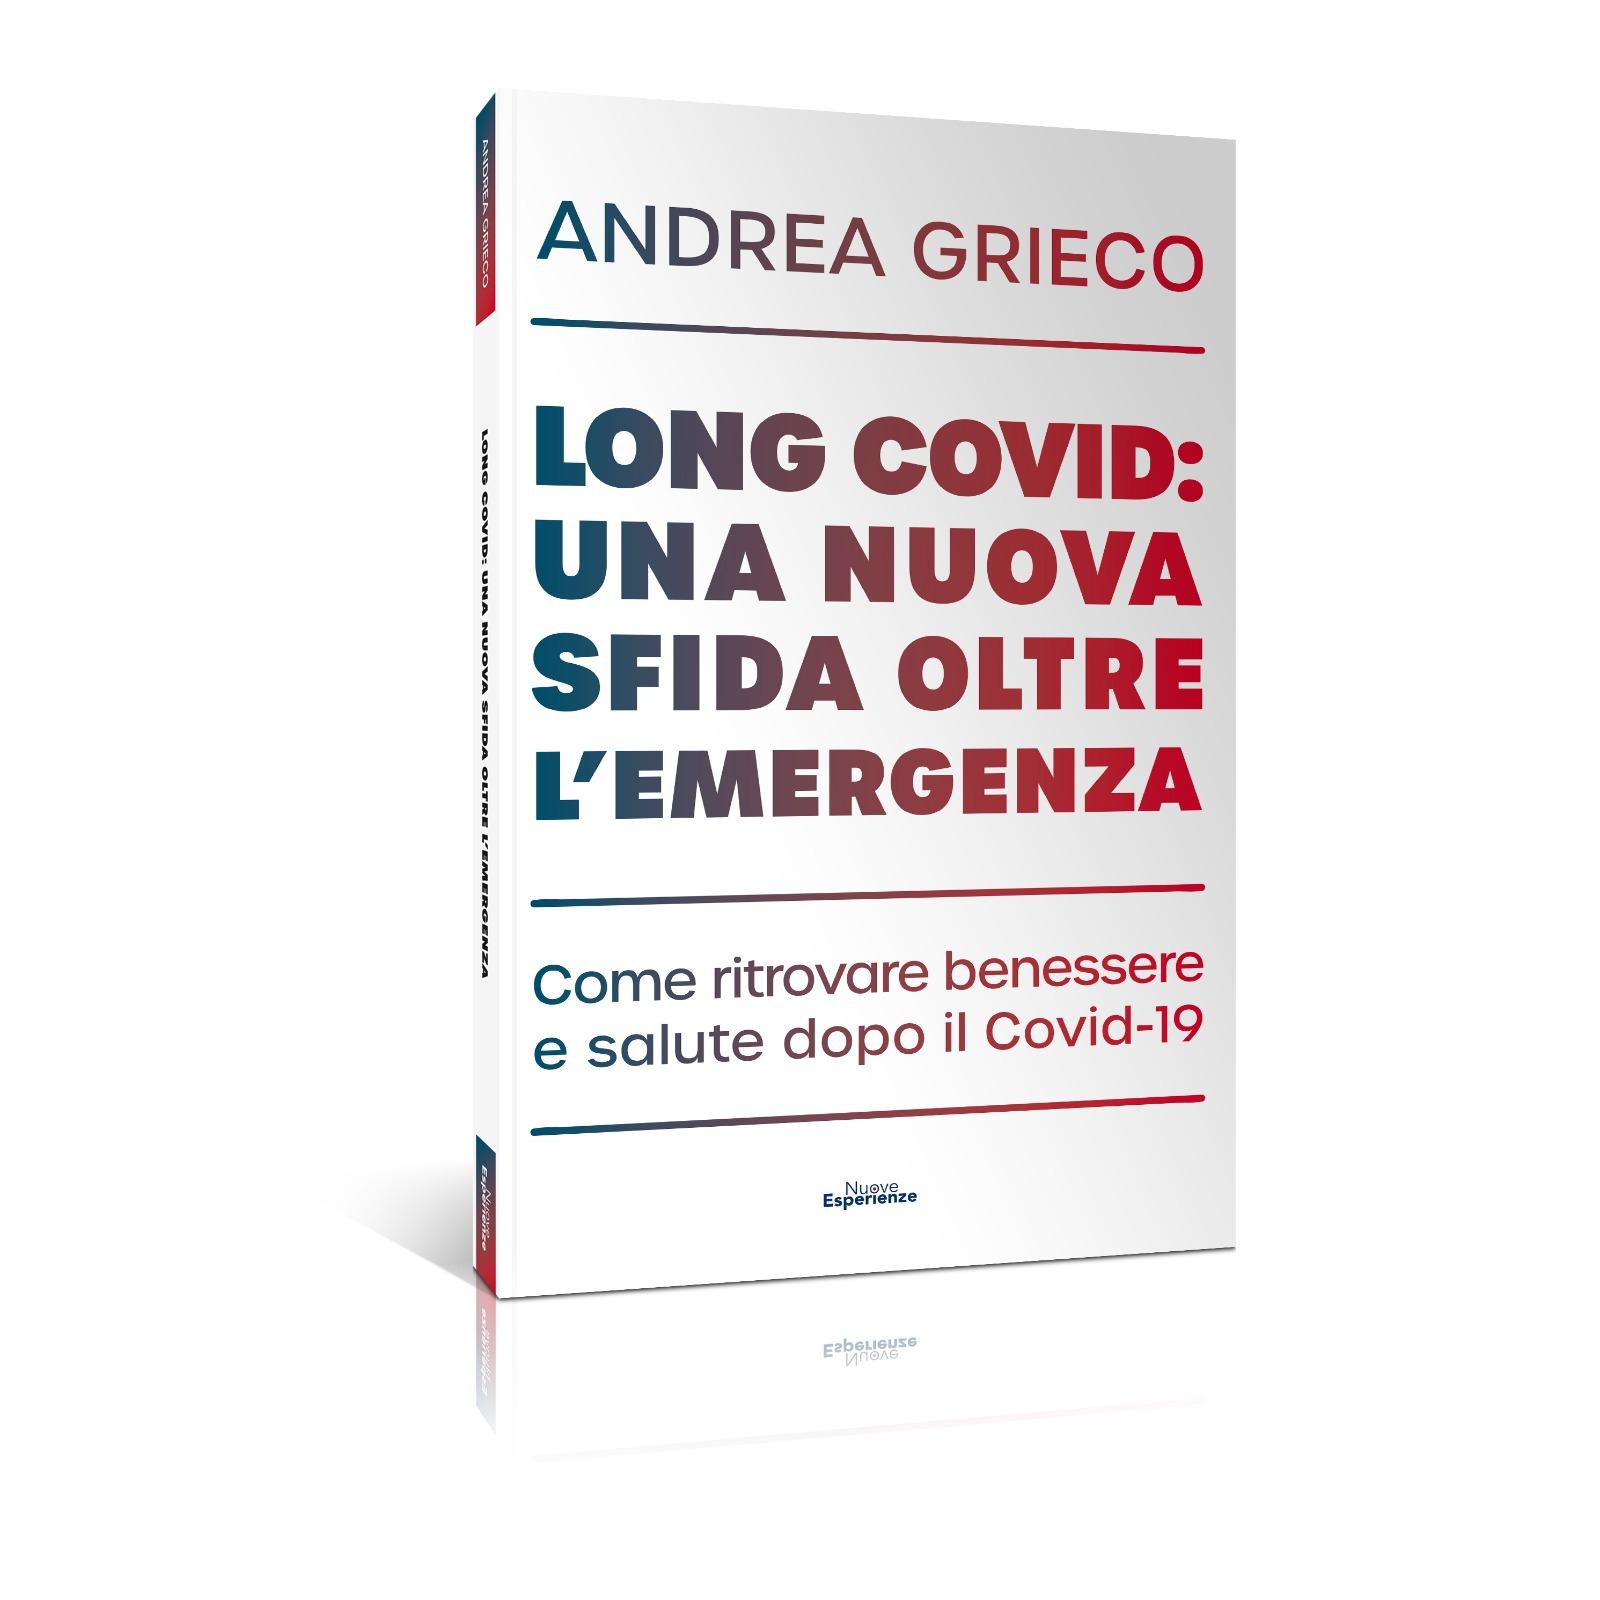 Long Covid: una nuova sfida oltre l'emergenza - Andrea Grieco